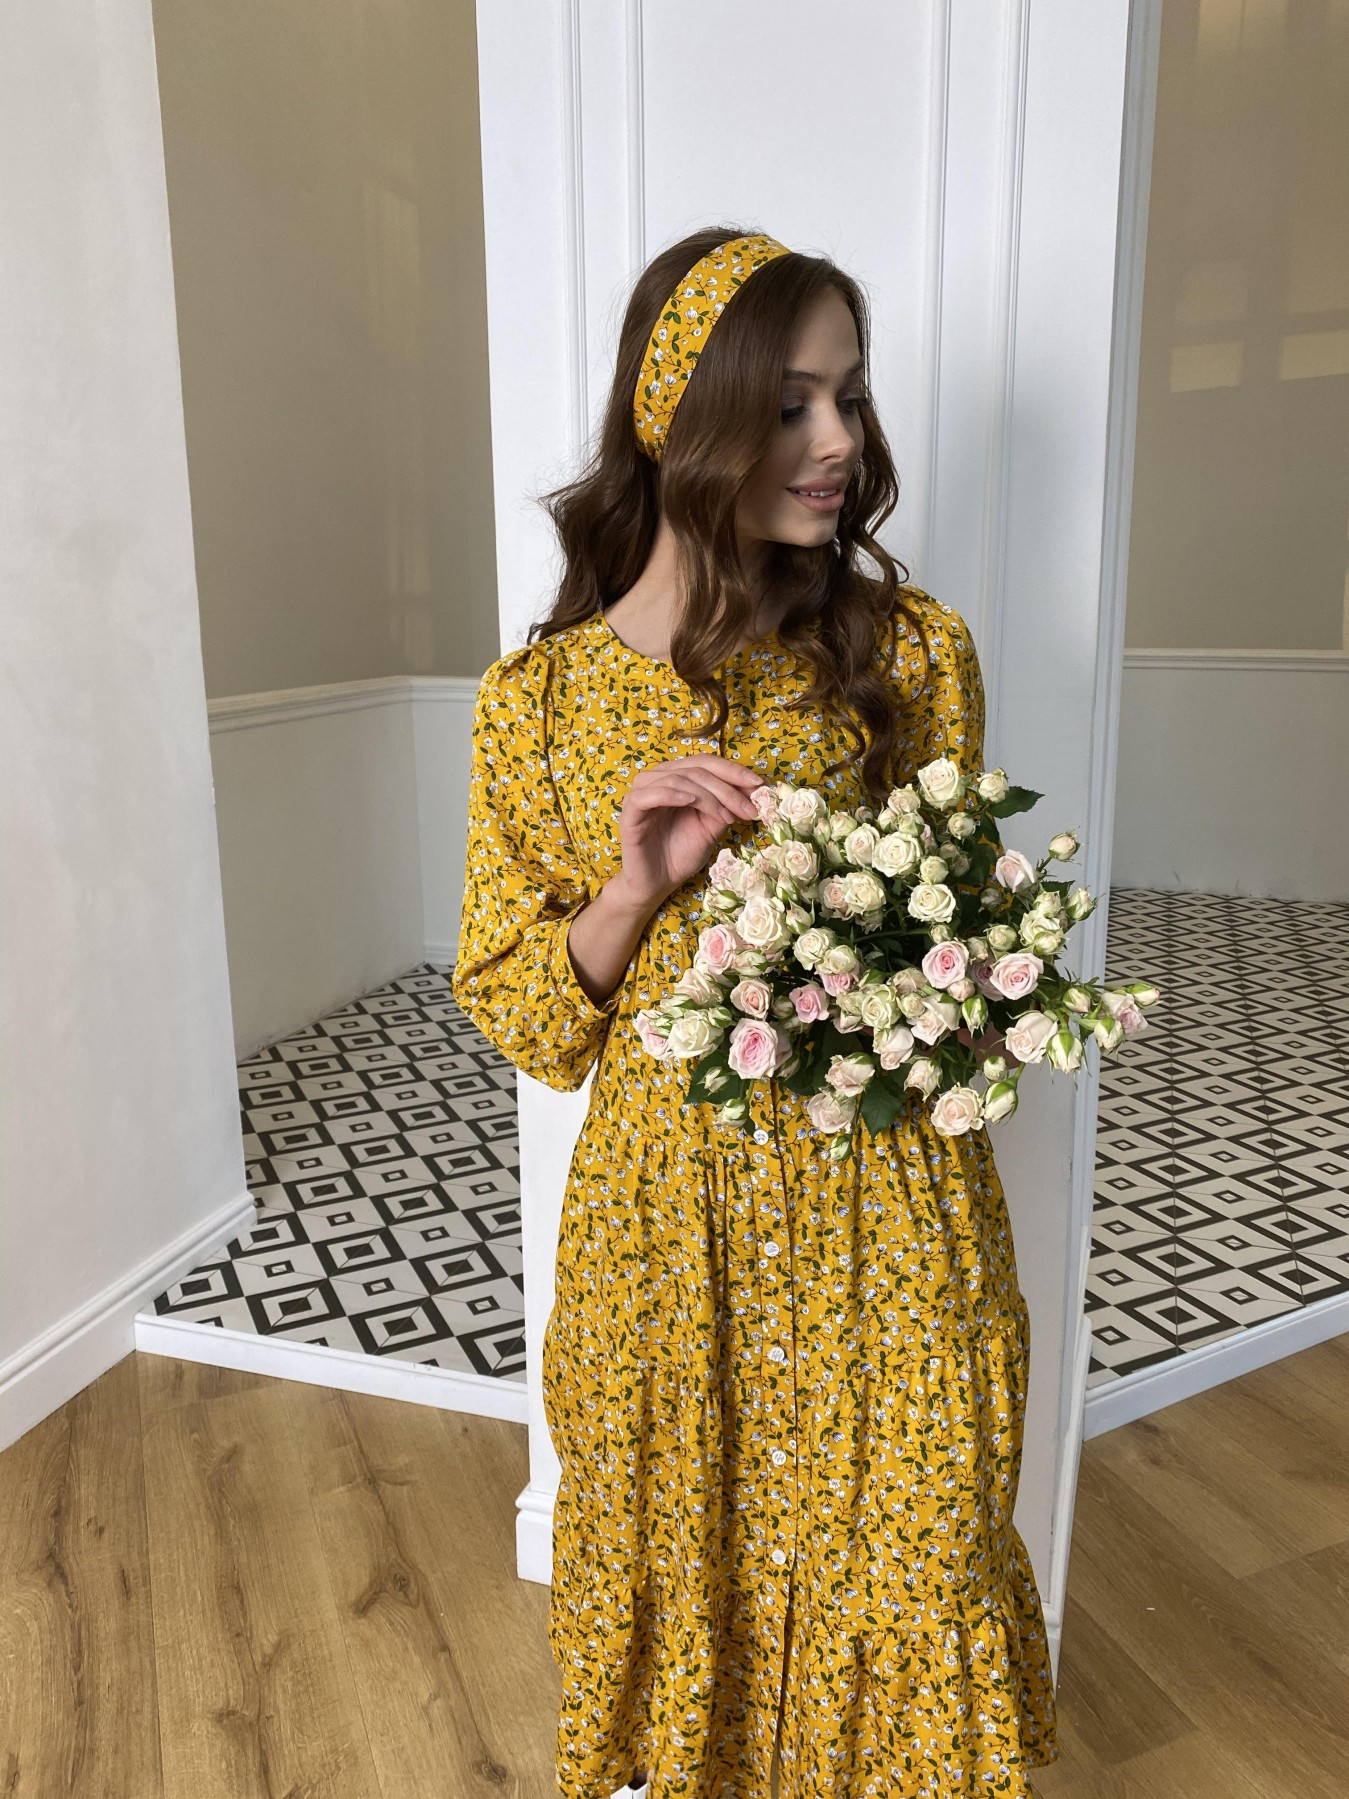 Берри платье  штапель принт 10872 АРТ. 47341 Цвет: Цветы мел горч/бел/гол - фото 4, интернет магазин tm-modus.ru